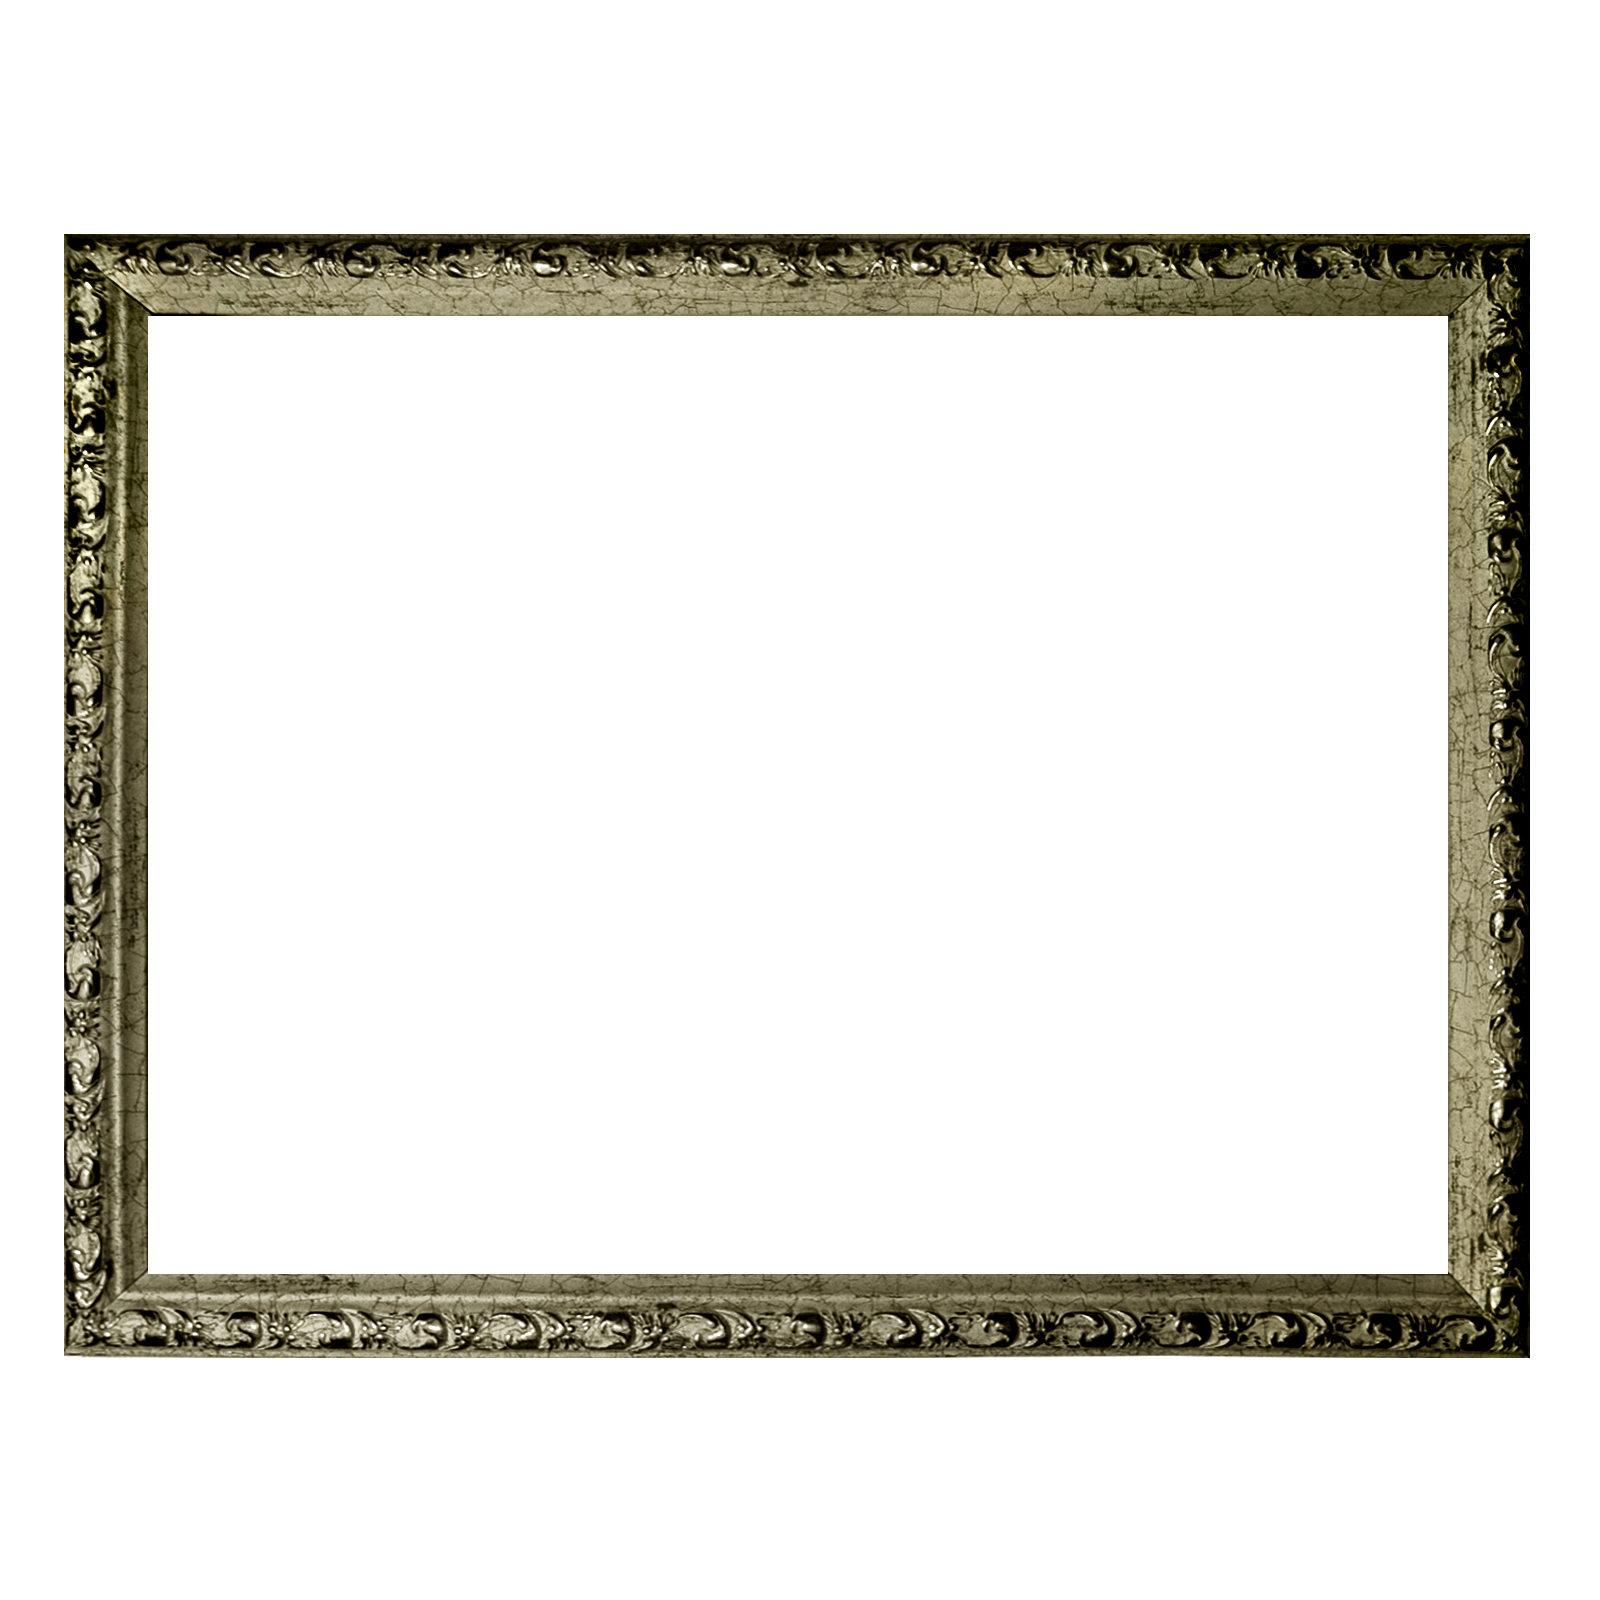 Baroque-cadre-en-argent-decore-finement-812-ARG-differentes-variantes